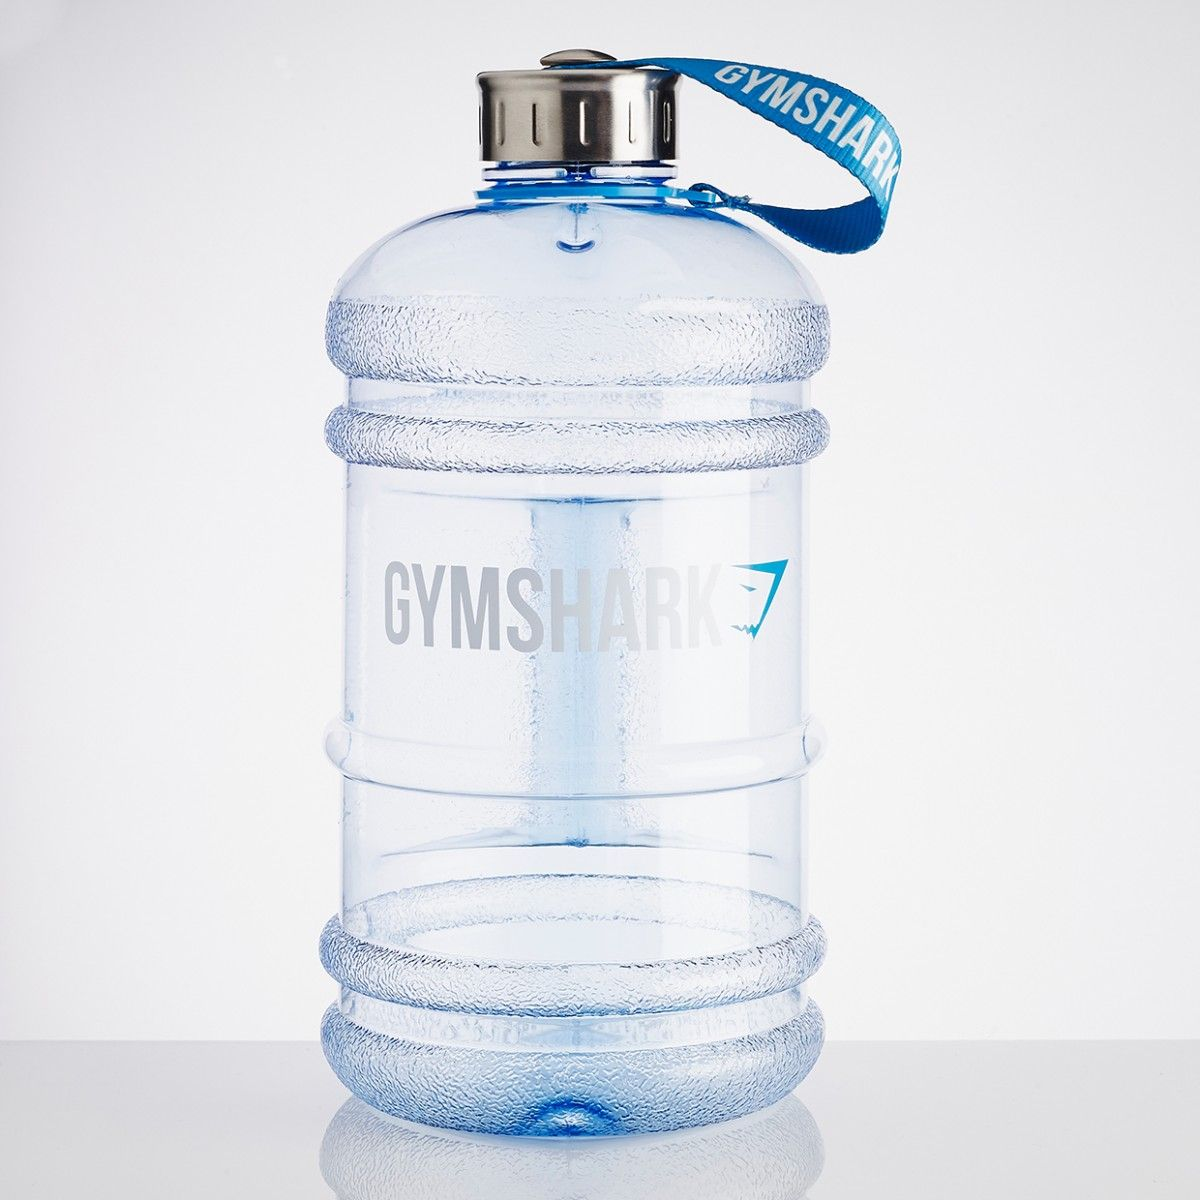 67a990158c Gymshark Water Bottle - 2.2 litre | Women's inspiration board ...